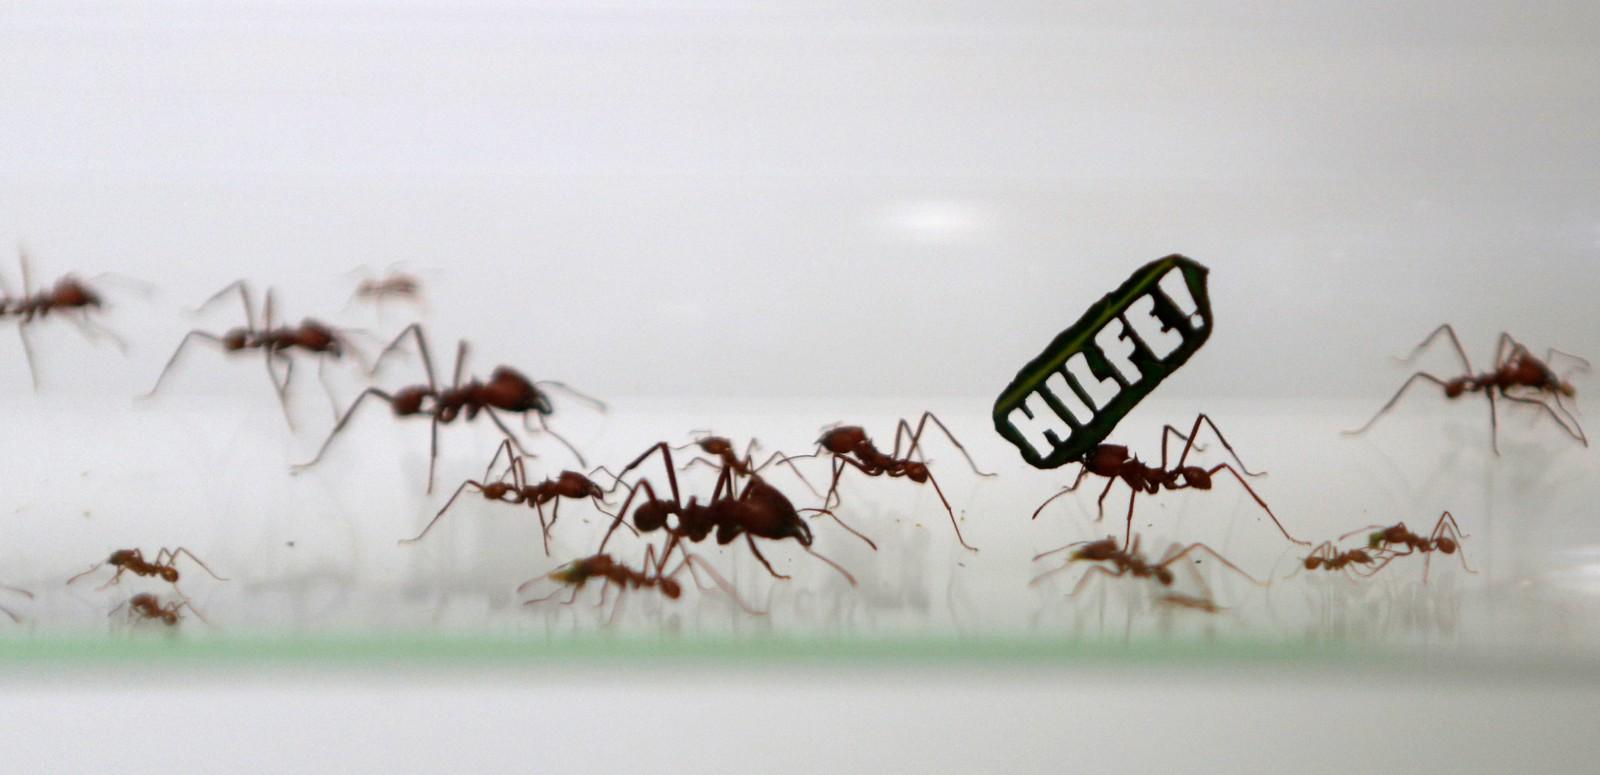 """""""Hjelp!"""" står det på disse maurenes parole. """"Demonstrasjonen"""" fant sted i en dyrehage i Køln, Tyskland, og er ment å sette fokus på kutting av regnskogen i Amazonas."""